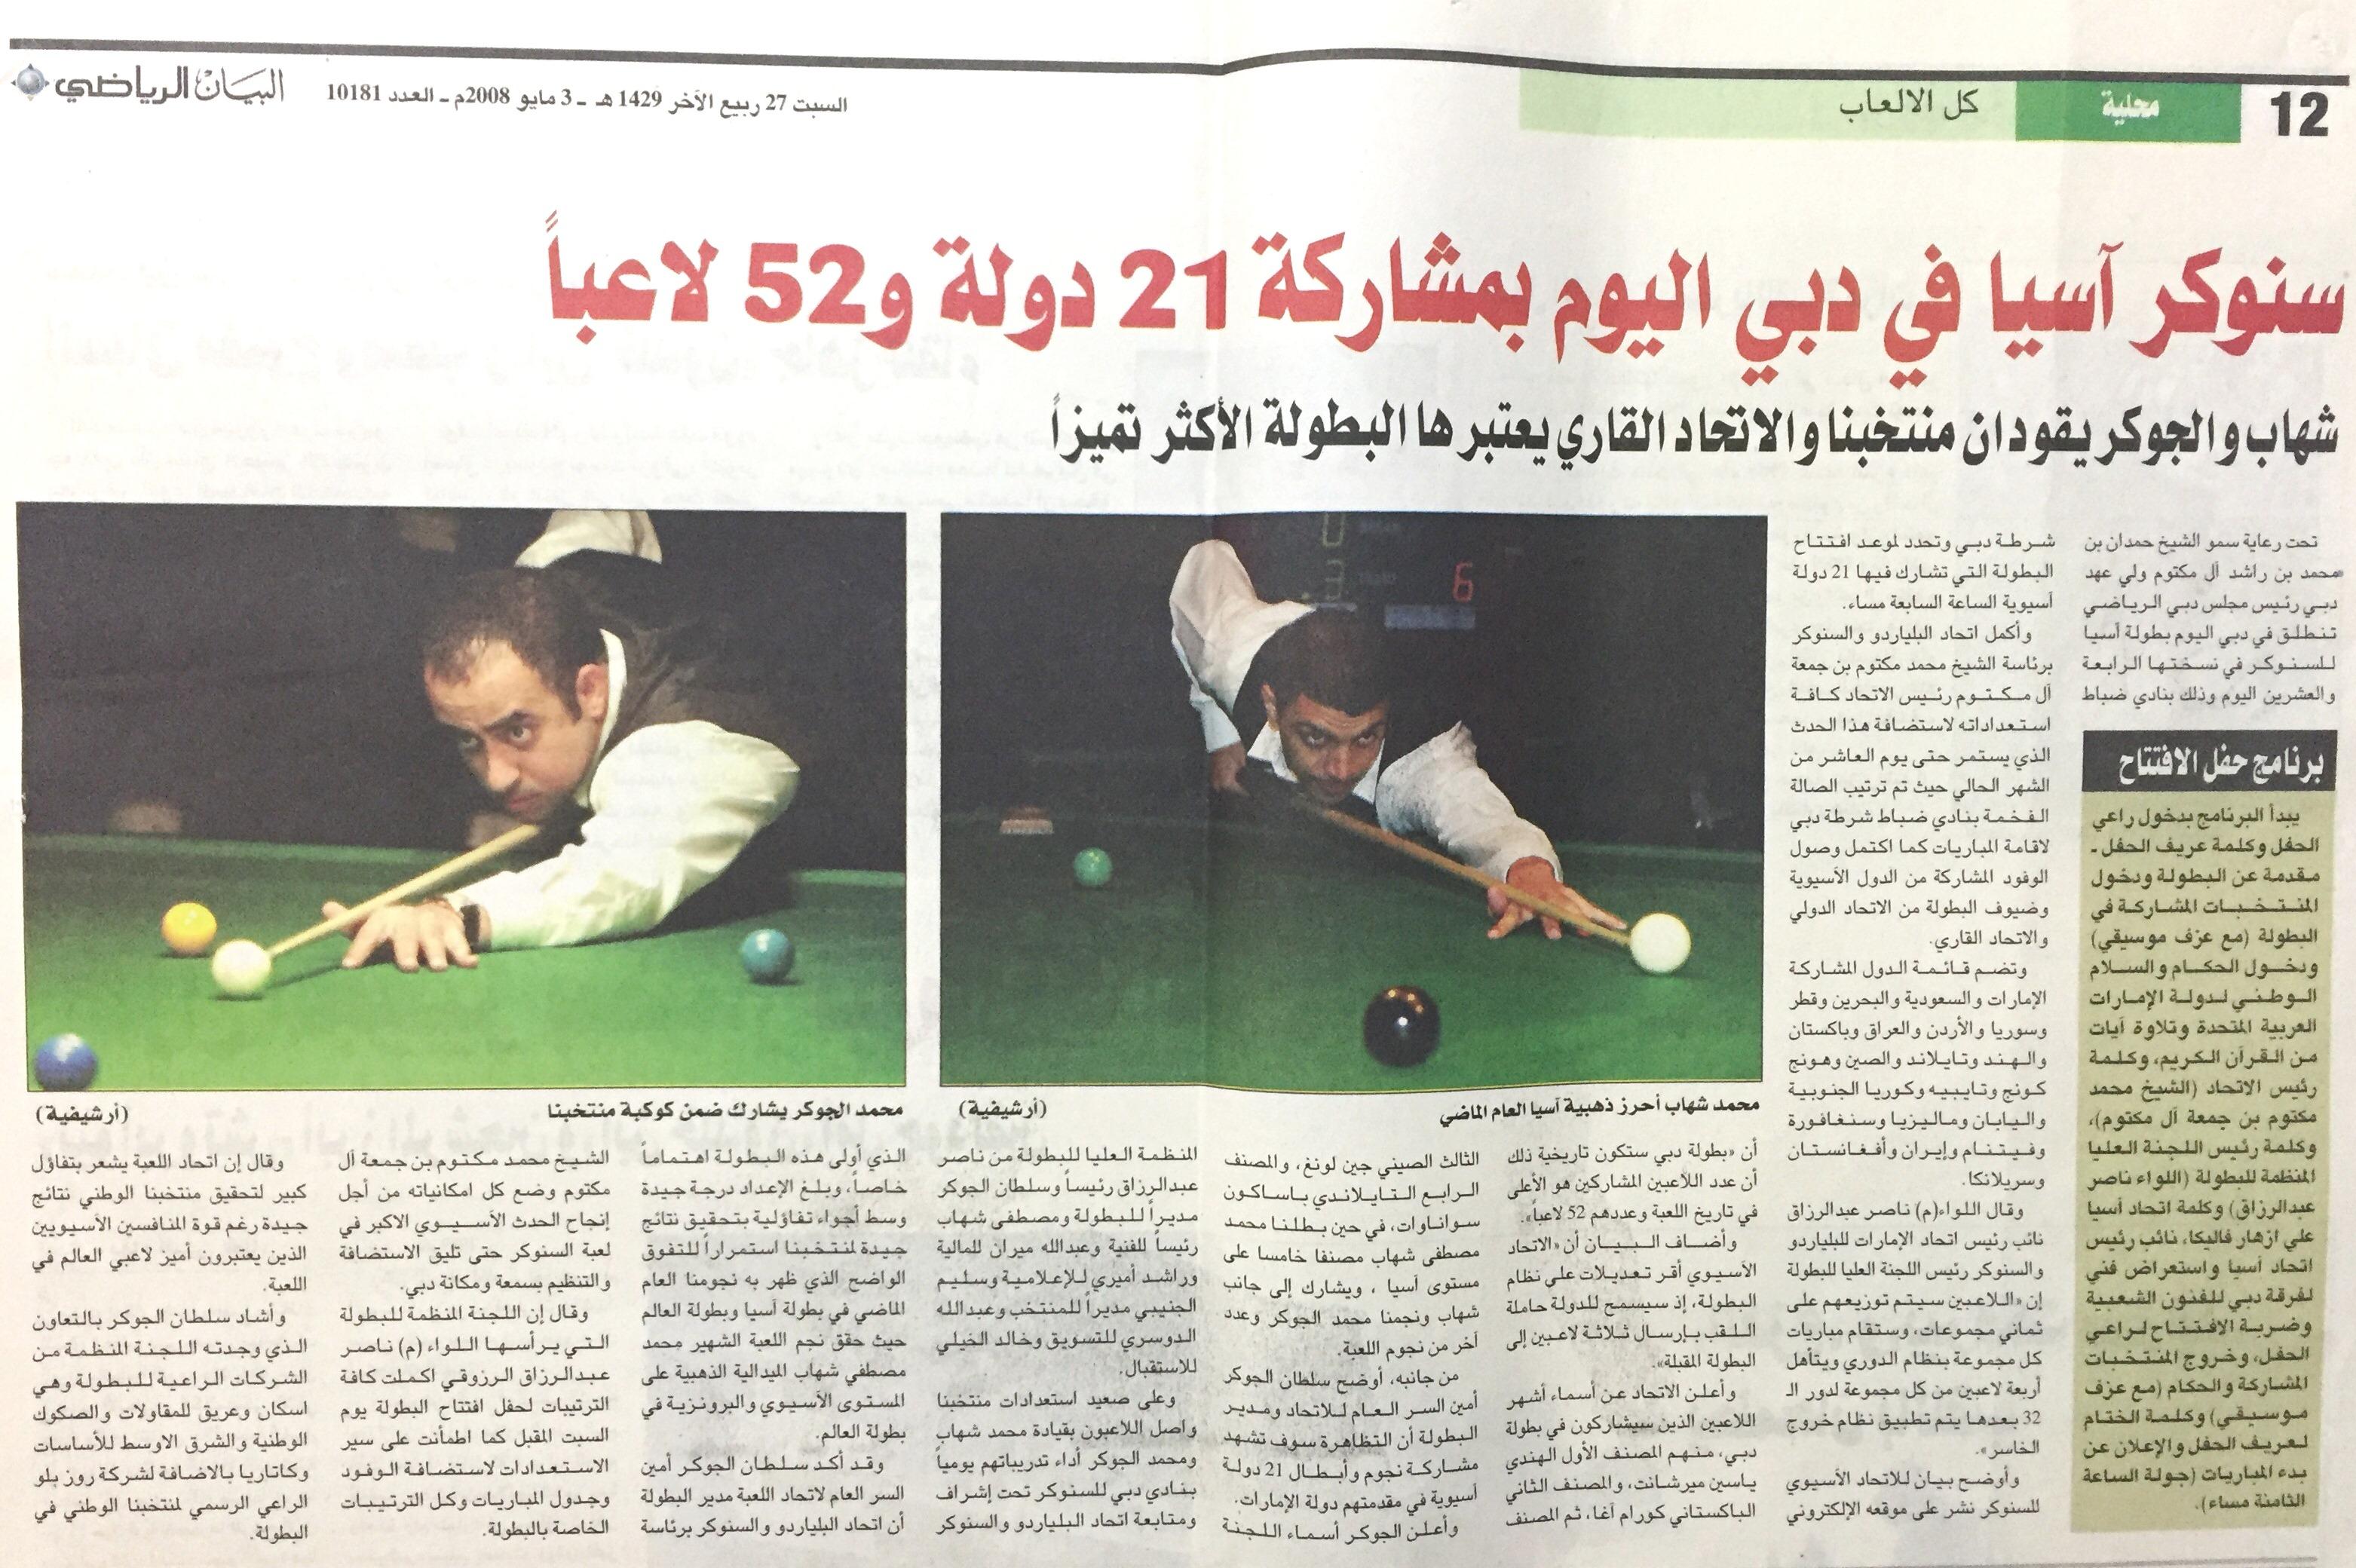 سنوكر أسيا في دبي اليوم بمشاركة 21 دولة و52 لاعبا